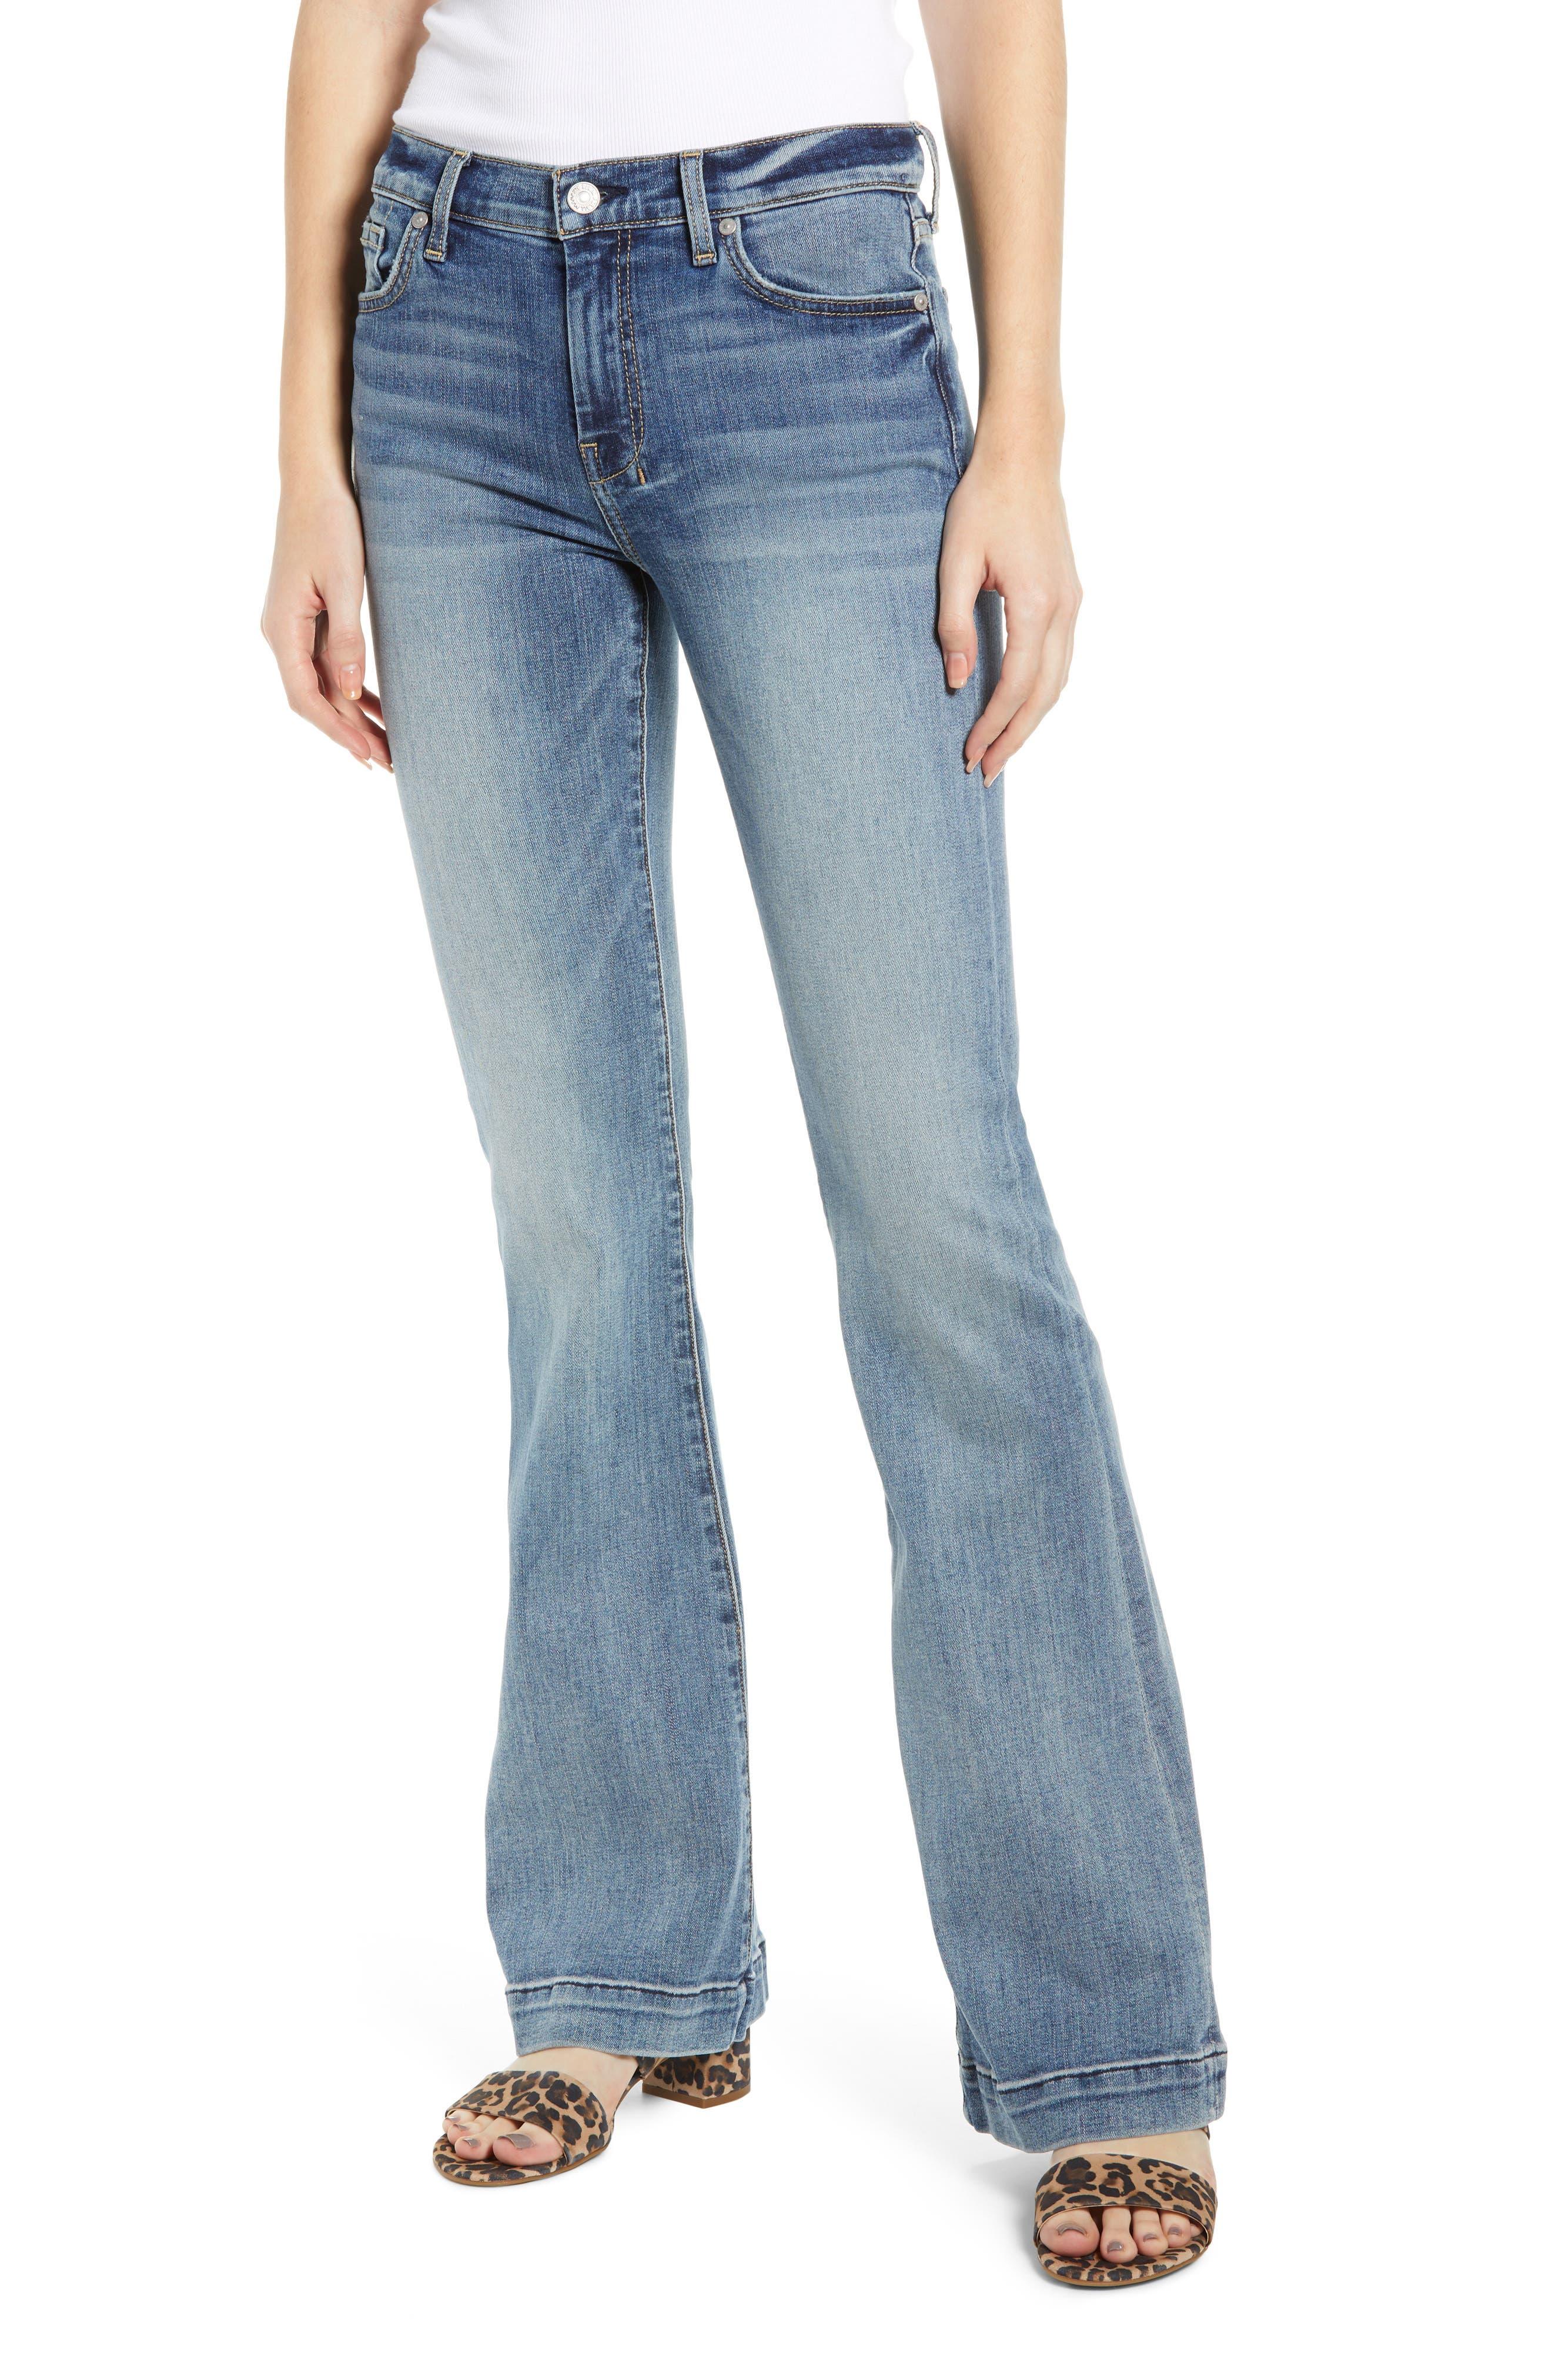 Women's 7 For All Mankind Dojo Wide Leg Jeans